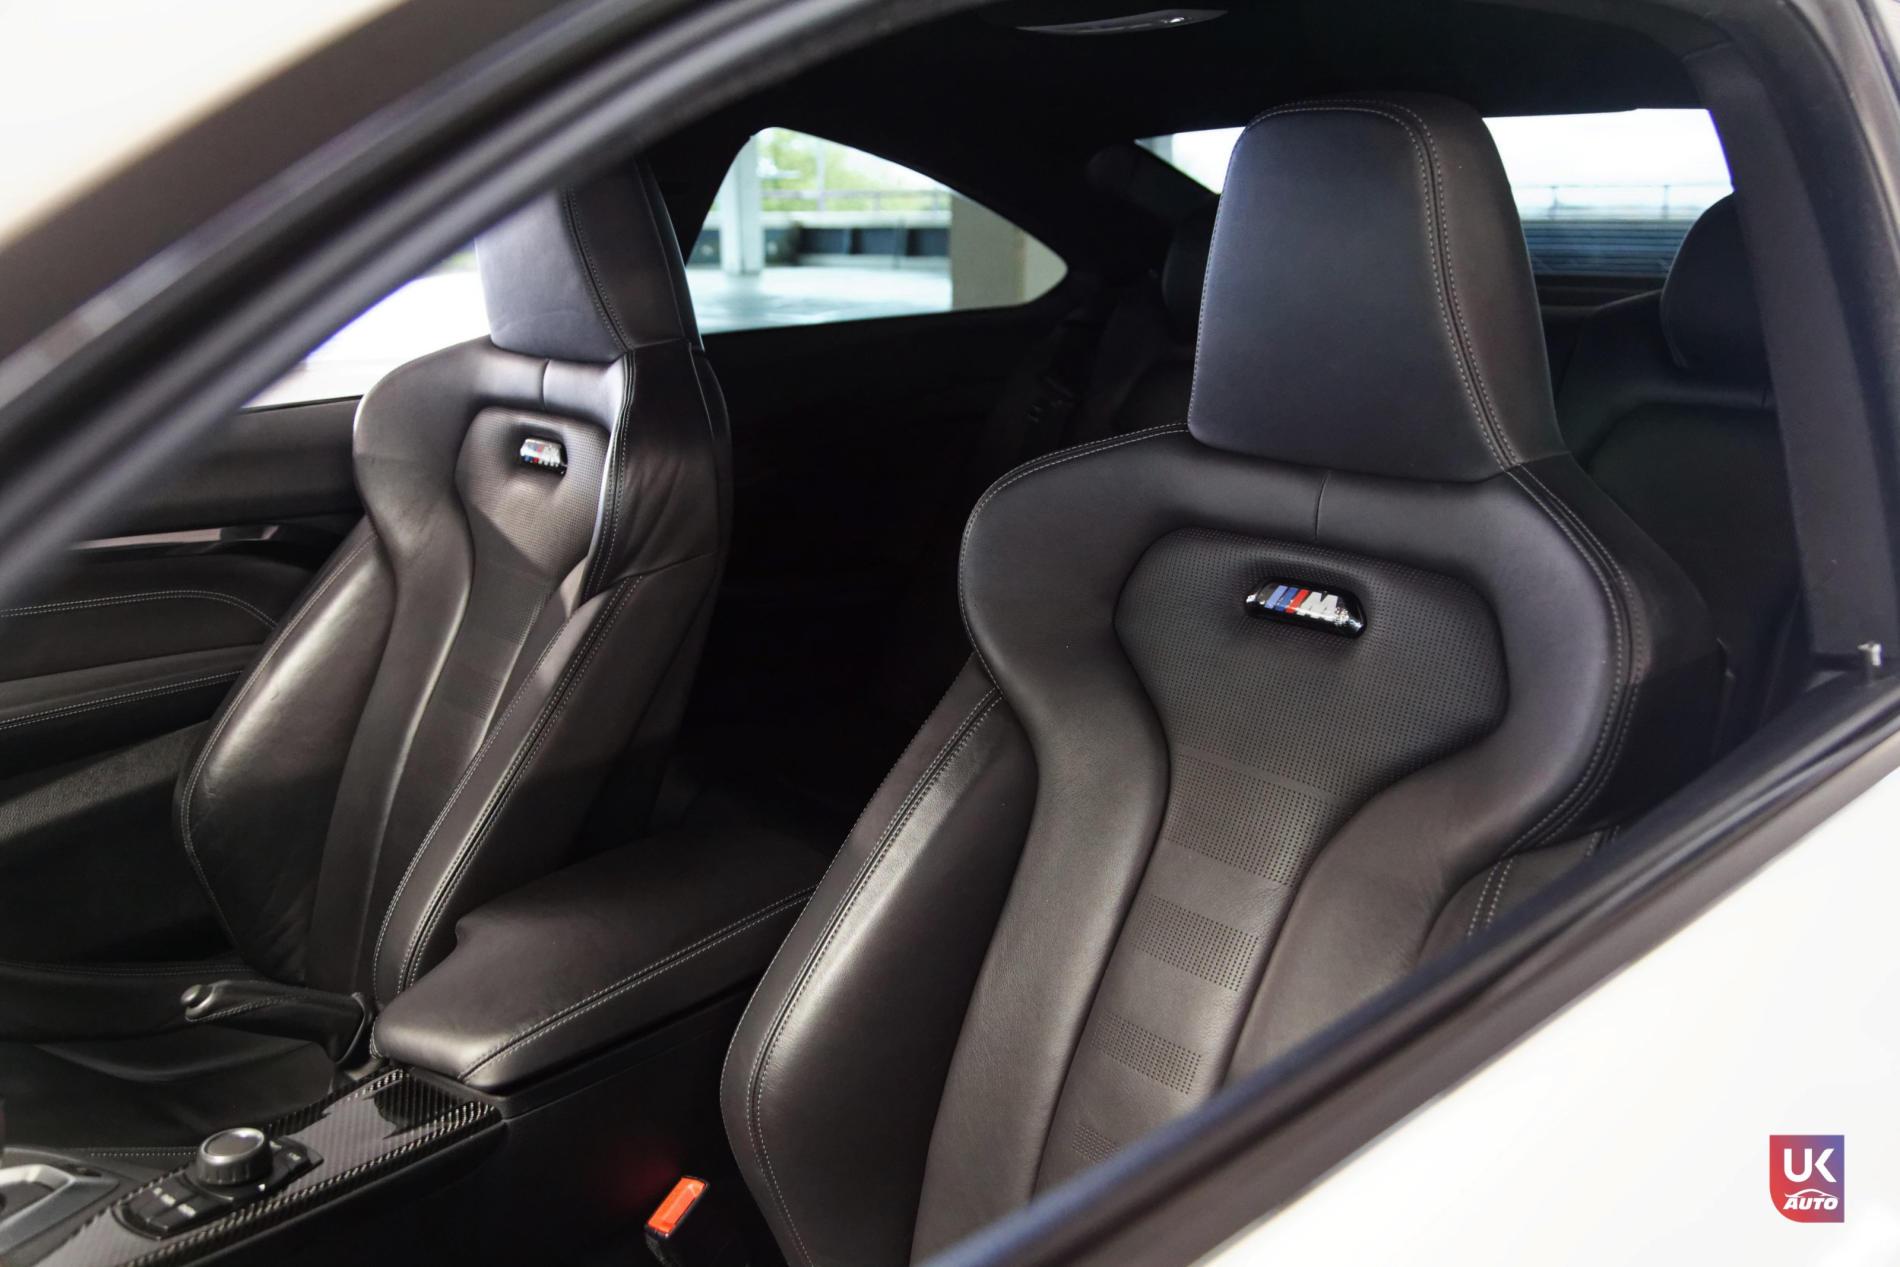 BMW M4 UK IMPORTATION M4 ANGLETERRE LIVRAISON DE CETTE BMW POUR NOTRE CLIENT POUR CETTE M4 RHD PAR UKAUTO9 - BMW M4 UK IMPORTATION M4 ANGLETERRE LIVRAISON DE CETTE BMW POUR NOTRE CLIENT POUR CETTE M4 RHD FELICITATION A FLORIAN